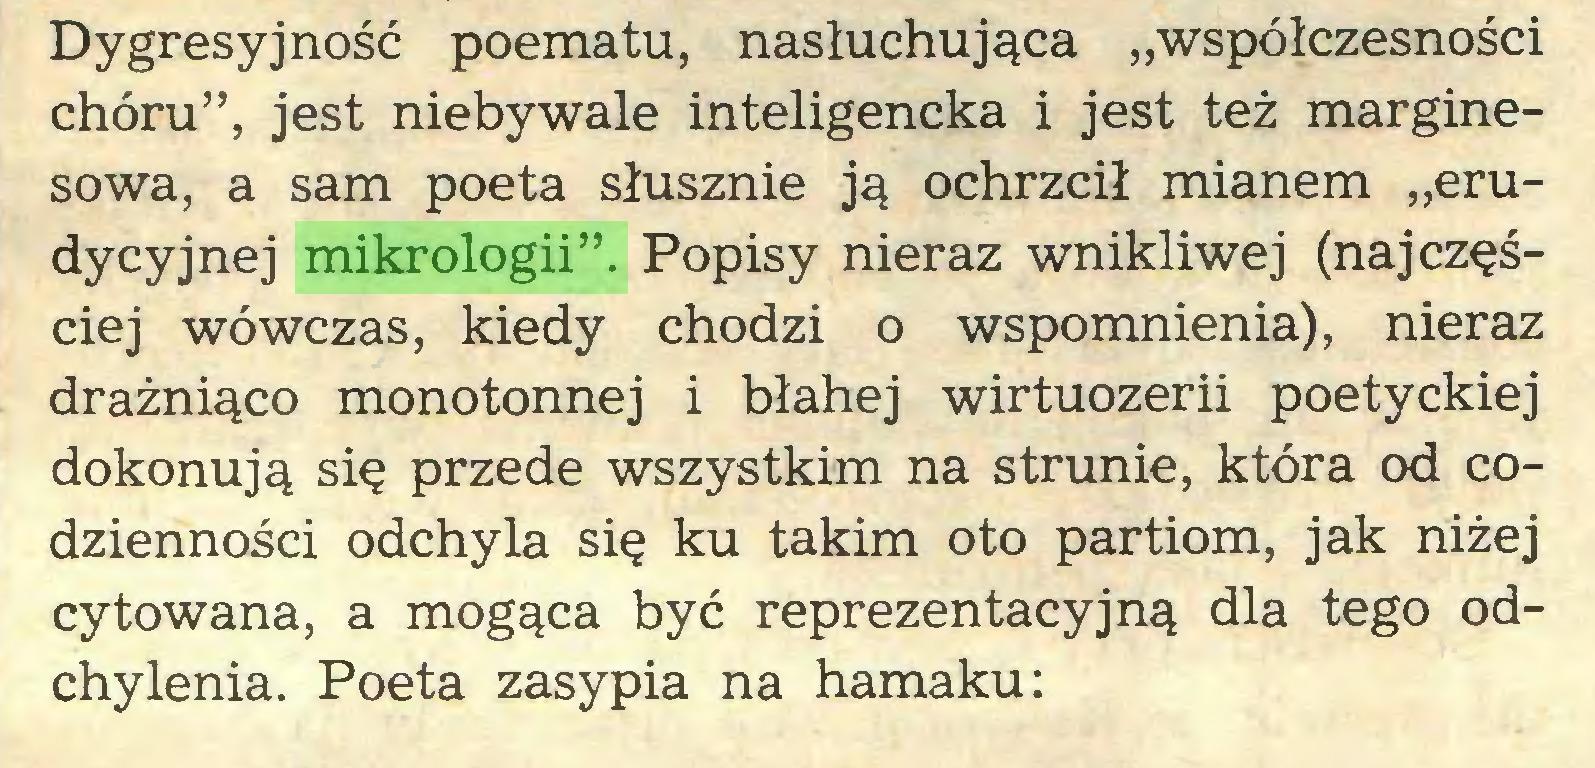 """(...) Dygresyjność poematu, nasłuchująca """"współczesności chóru"""", jest niebywale inteligencka i jest też marginesowa, a sam poeta słusznie ją ochrzcił mianem """"erudycyjnej mikrologii"""". Popisy nieraz wnikliwej (najczęściej wówczas, kiedy chodzi o wspomnienia), nieraz drażniąco monotonnej i błahej wirtuozerii poetyckiej dokonują się przede wszystkim na strunie, która od codzienności odchyla się ku takim oto partiom, jak niżej cytowana, a mogąca być reprezentacyjną dla tego odchylenia. Poeta zasypia na hamaku:..."""